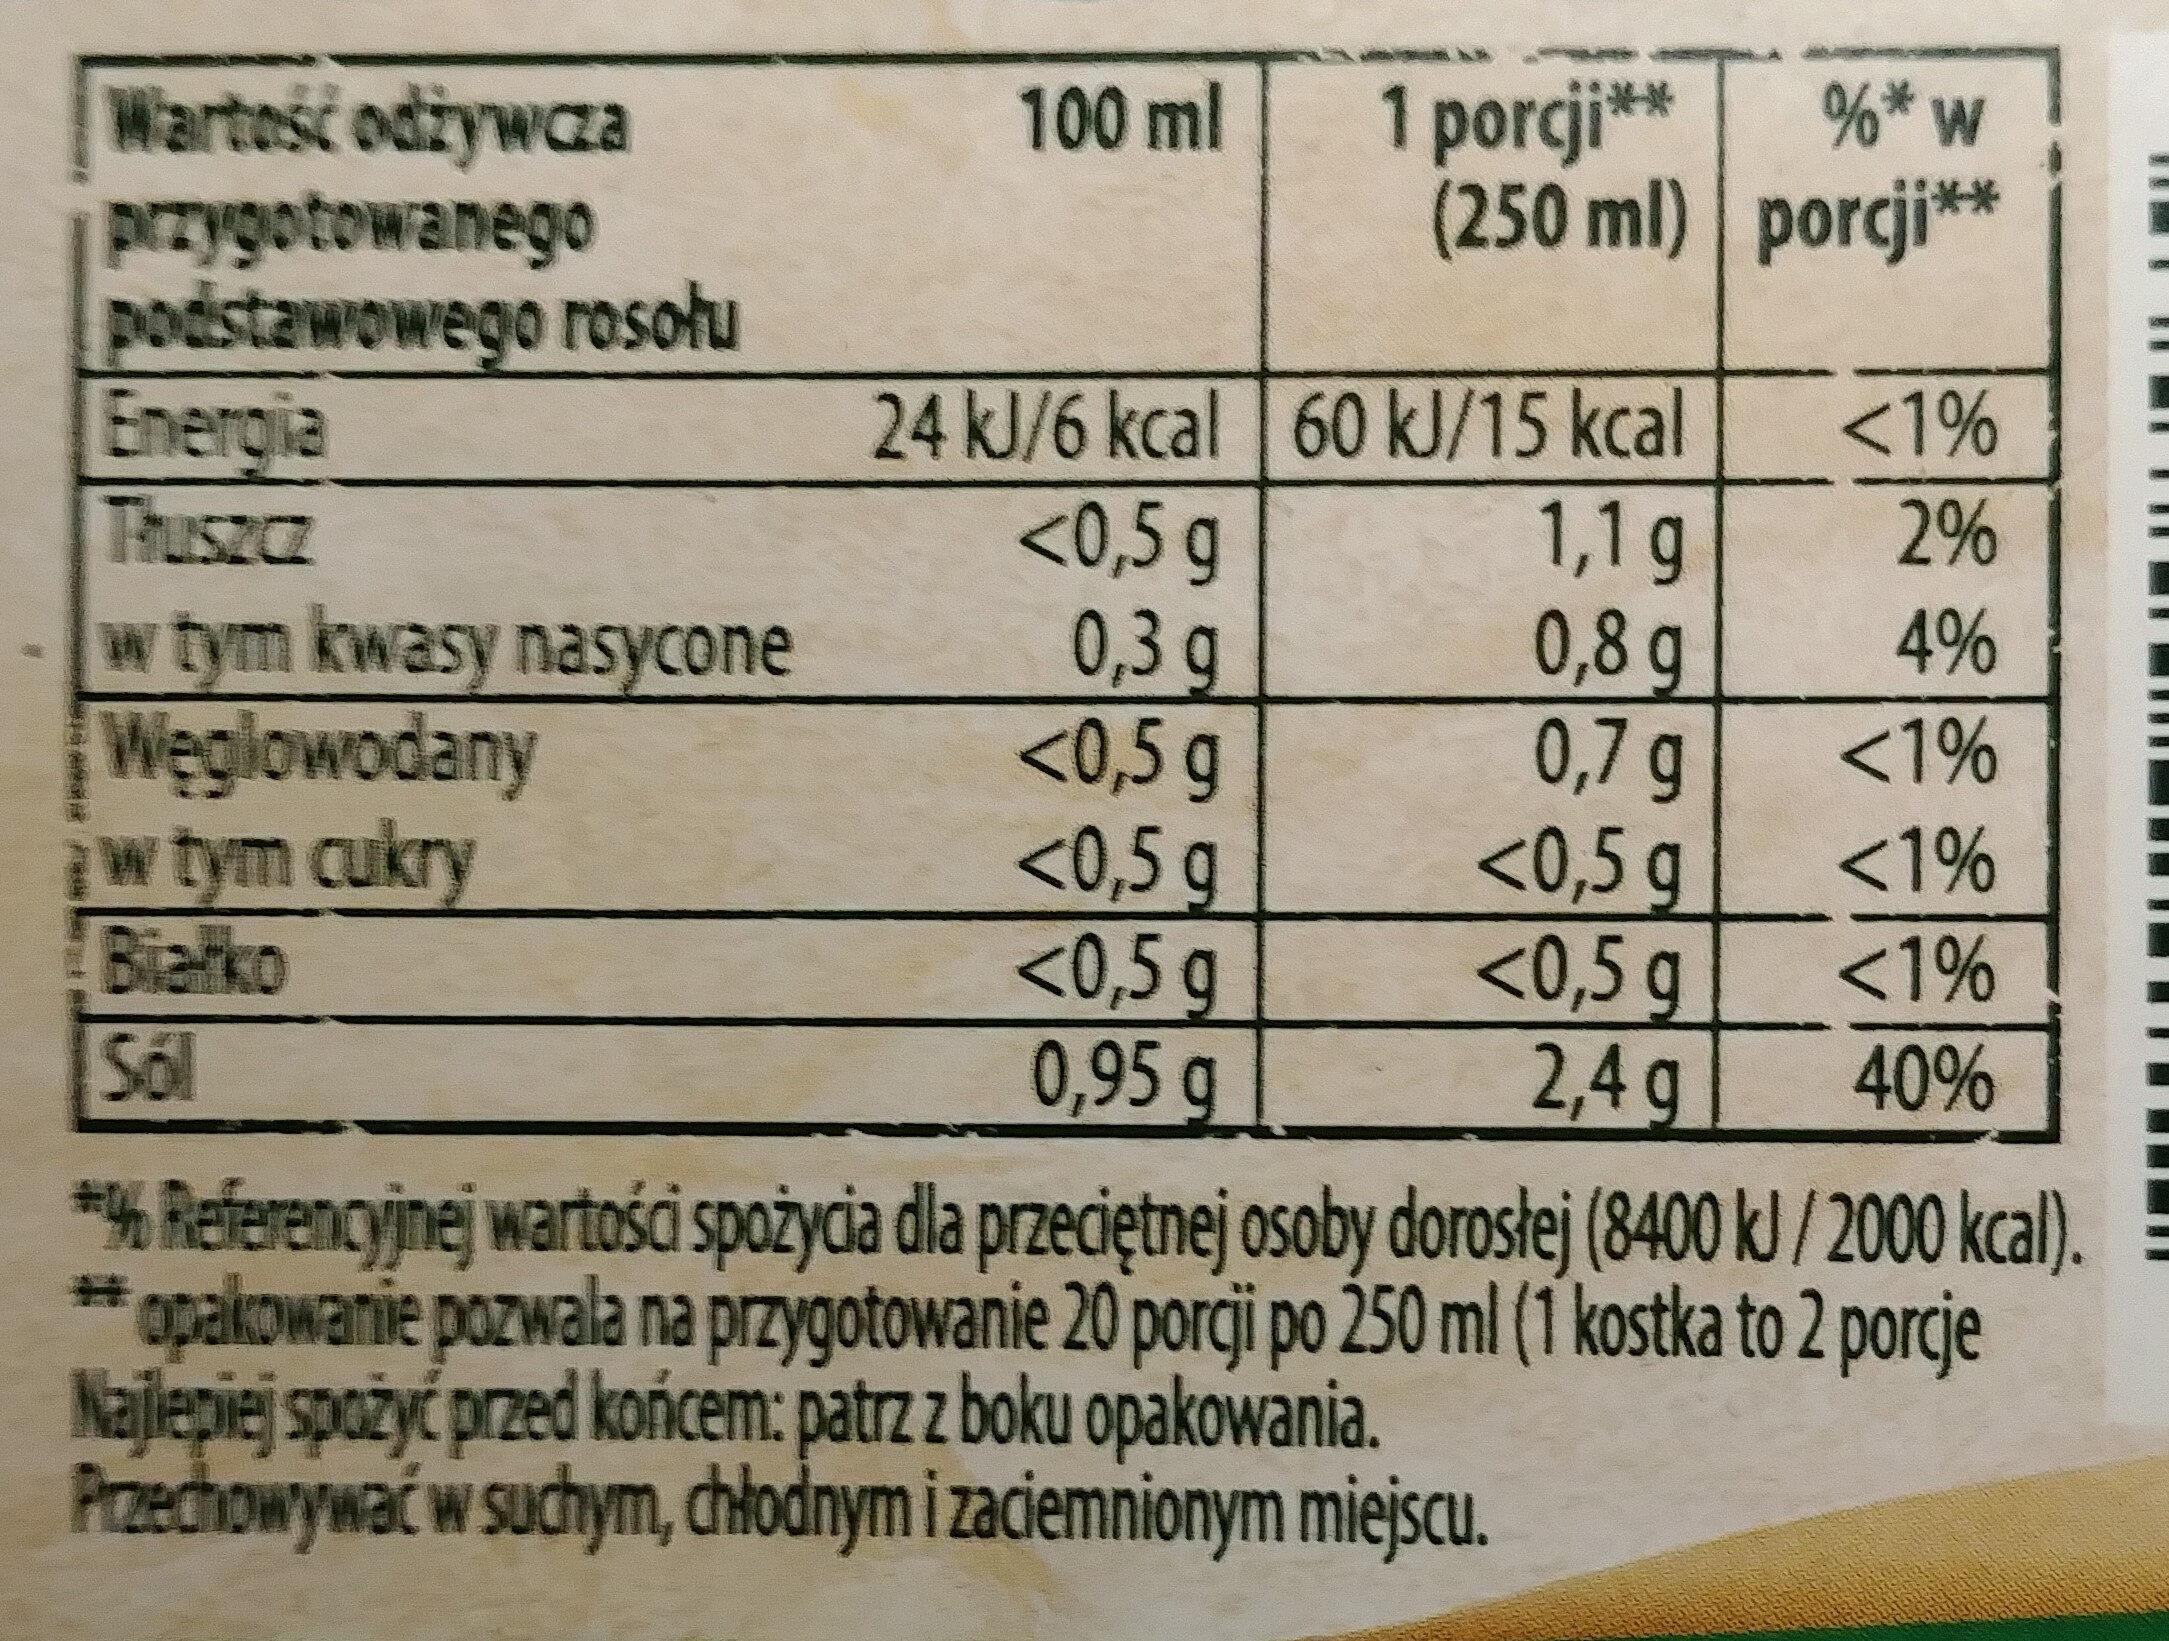 Rosół z kury - Wartości odżywcze